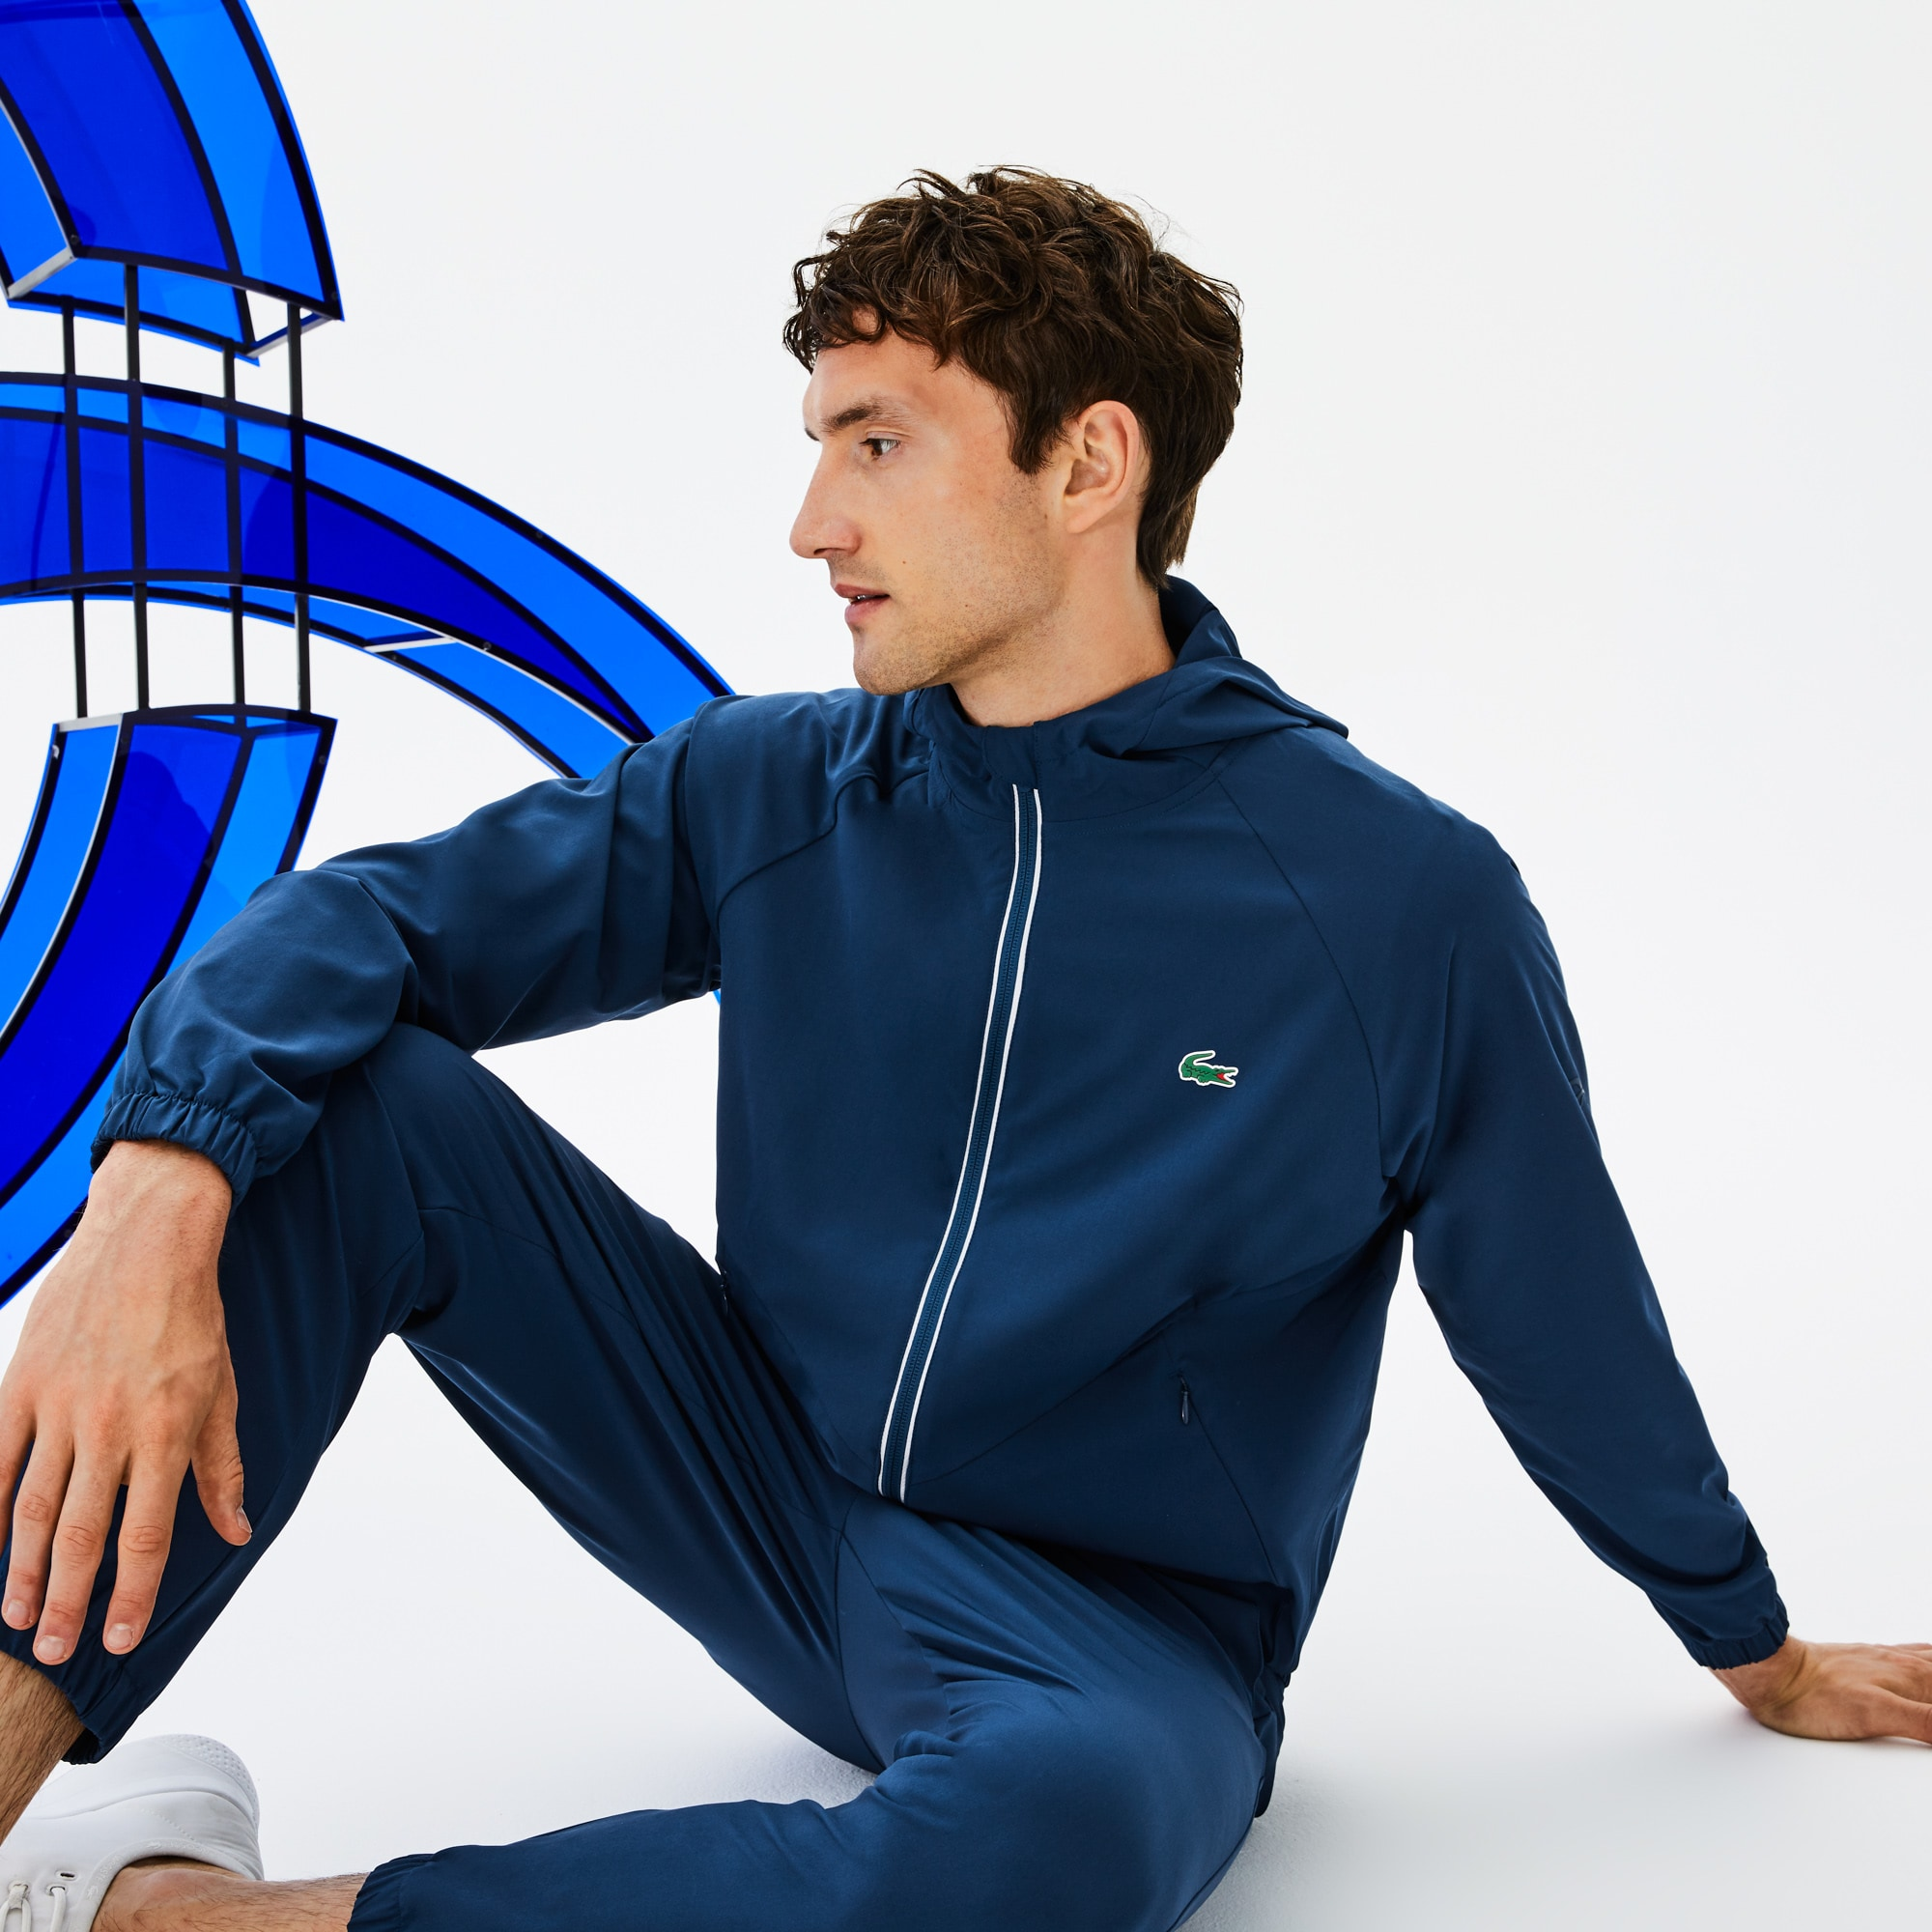 Veste à capuche Lacoste SPORT x Novak Djokovic - en midlayer technique stretch